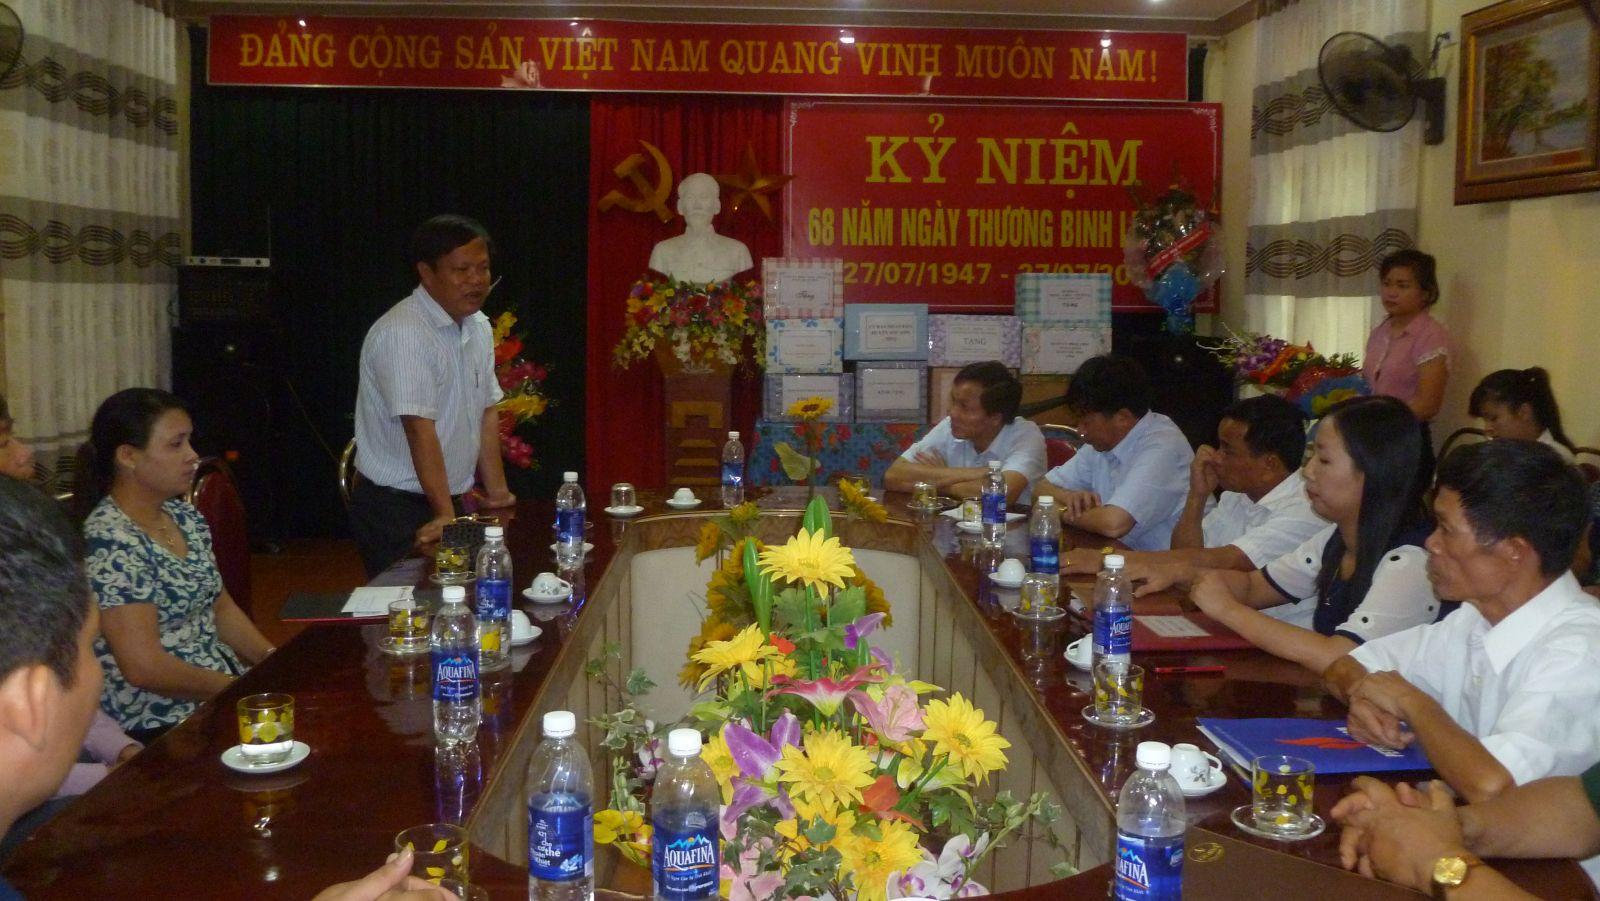 Công đoàn Công ty CP Xi măng Sông Thao tổ chức các hoạt động nhân dịp kỷ niệm 68 năm Ngày thương binh liệt sĩ 27/7/1947 - 27/7/2015